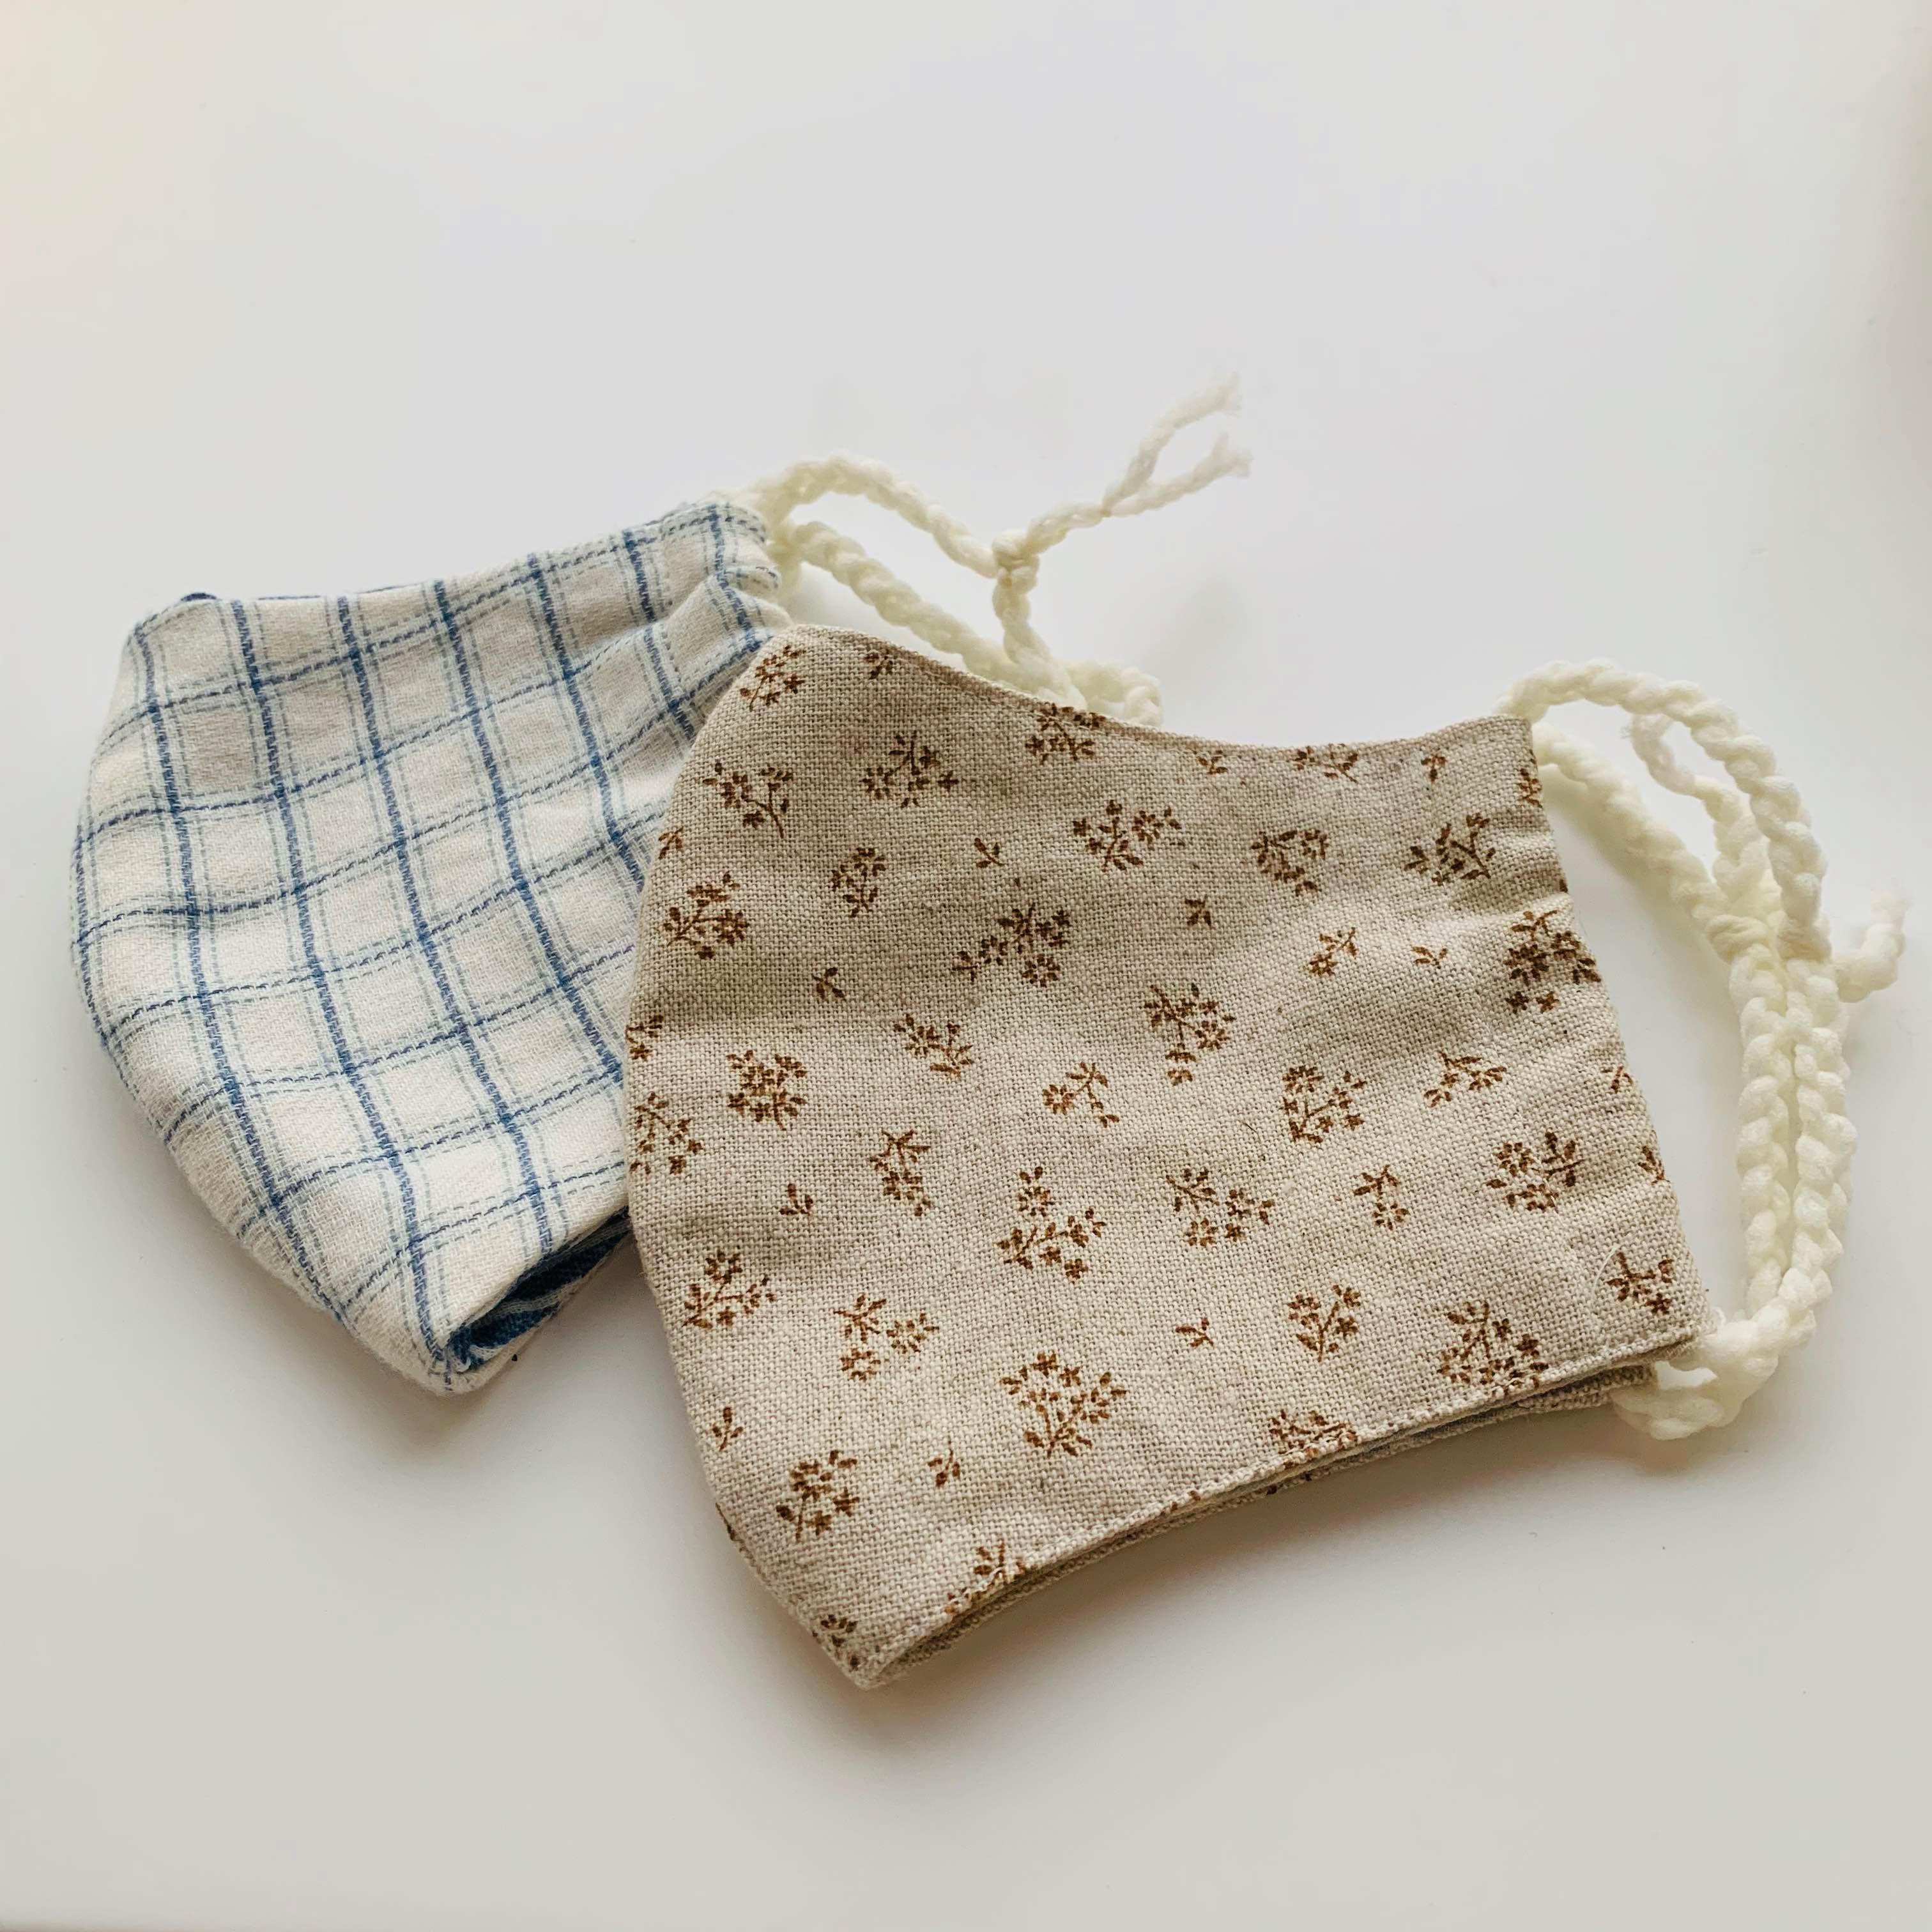 ちょこっとknitting&sewingで布マスク作り